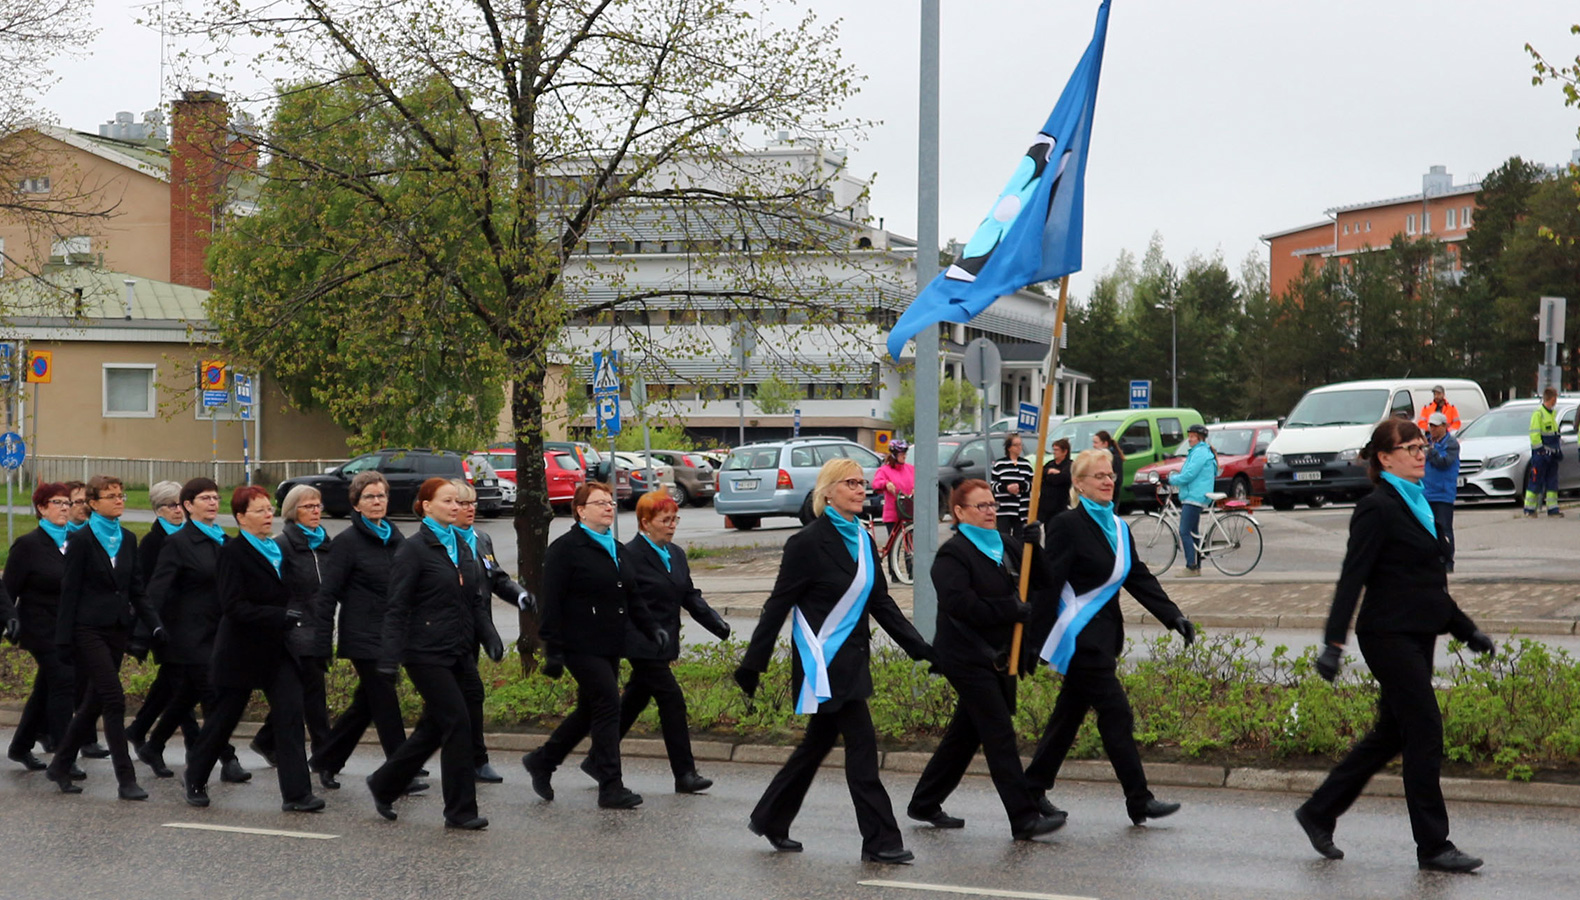 PERUTTU: Puolustusvoimien valtakunnallinen lippupäiväjuhlan paraati